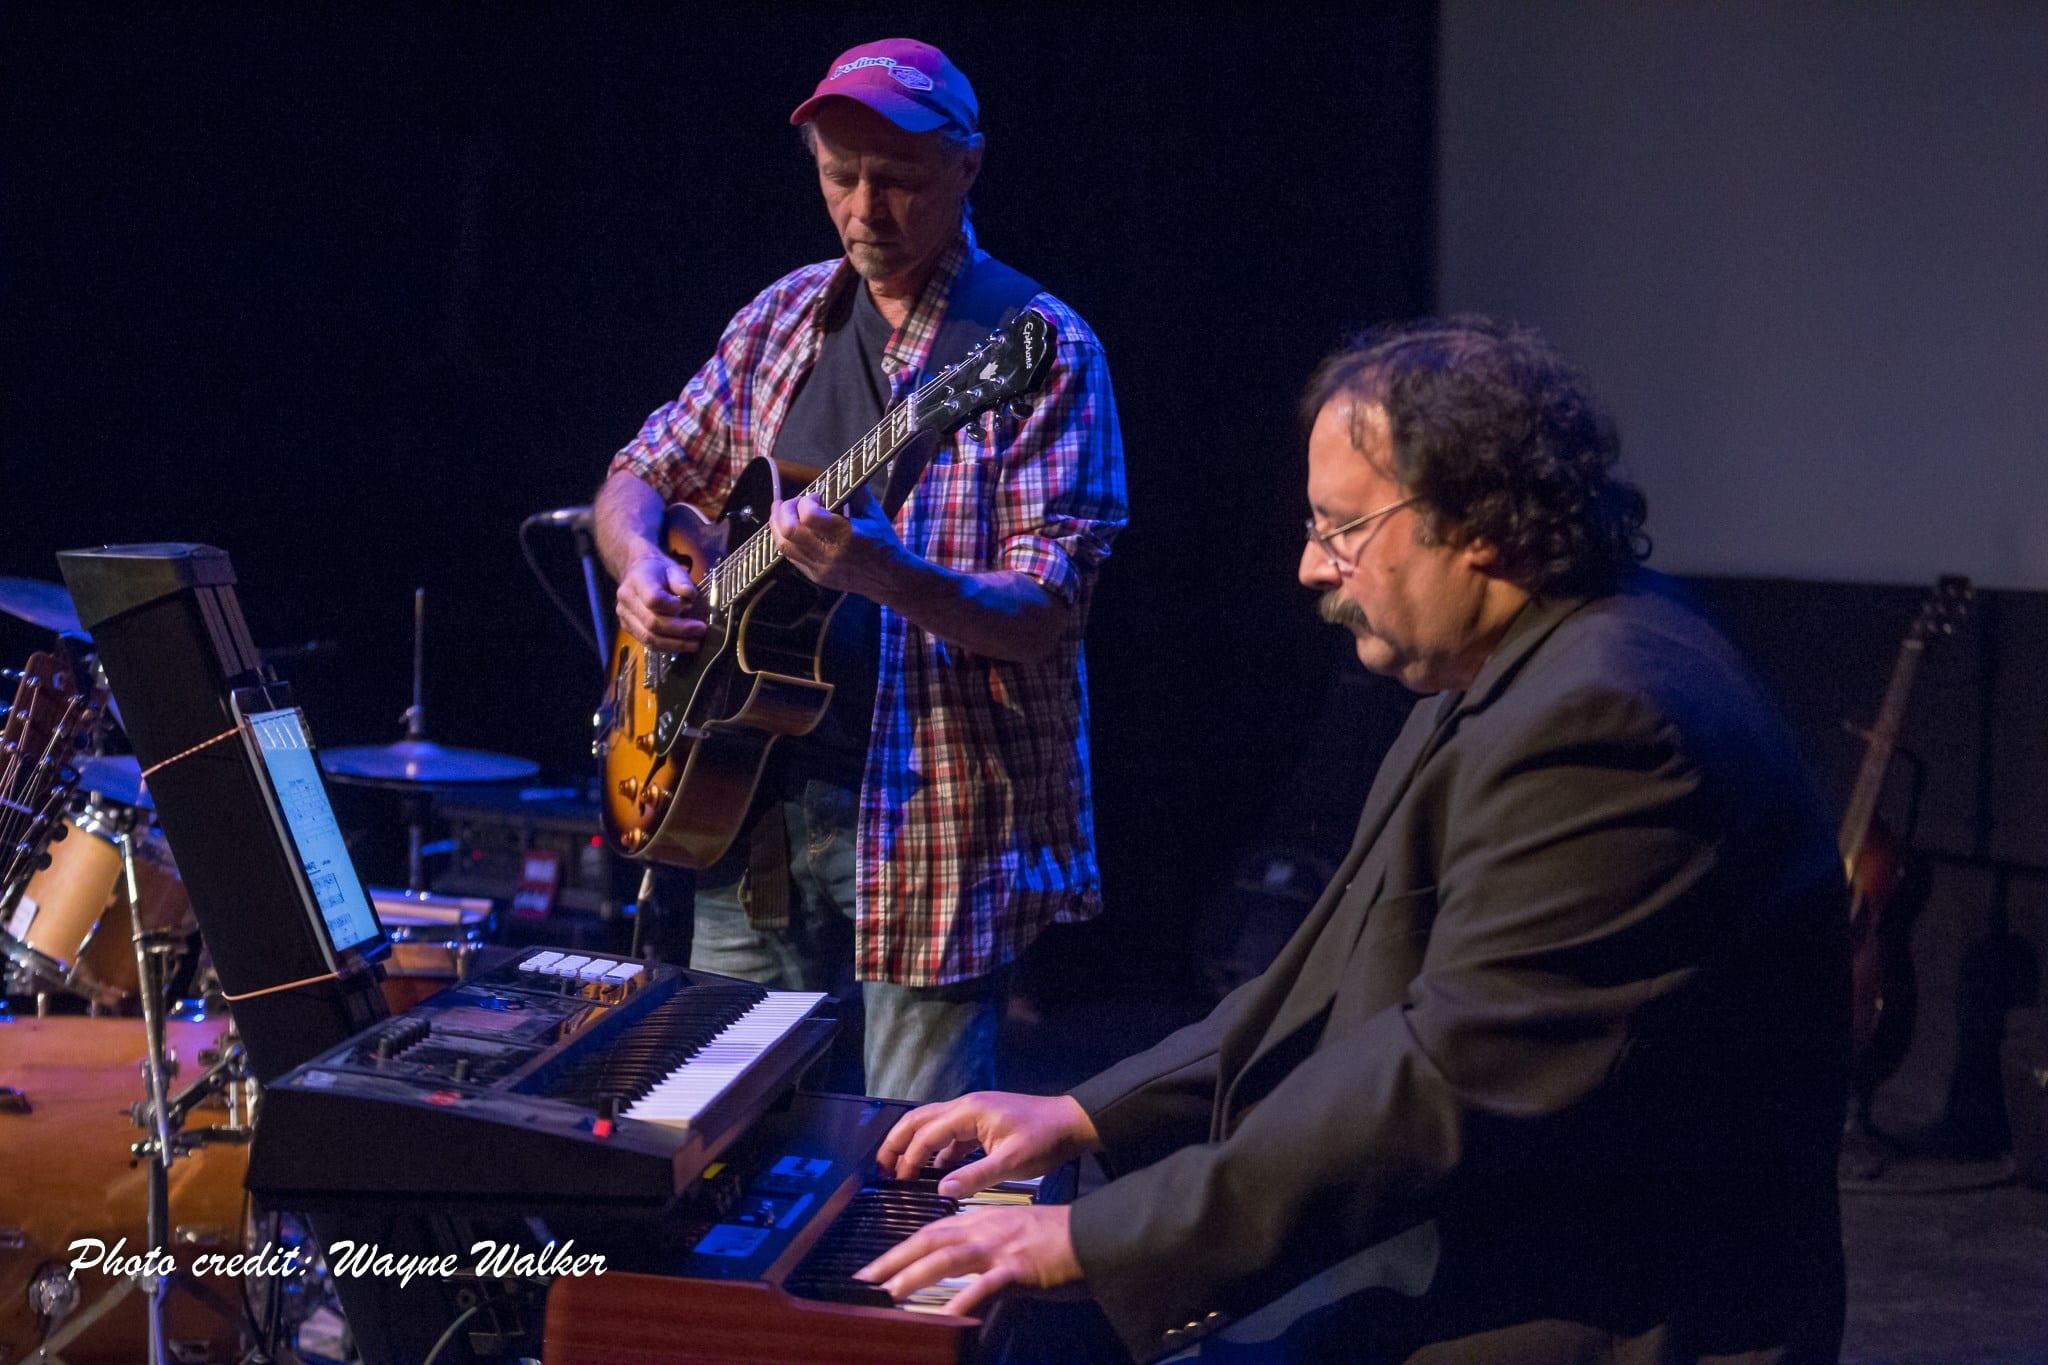 Steve Lee Trio